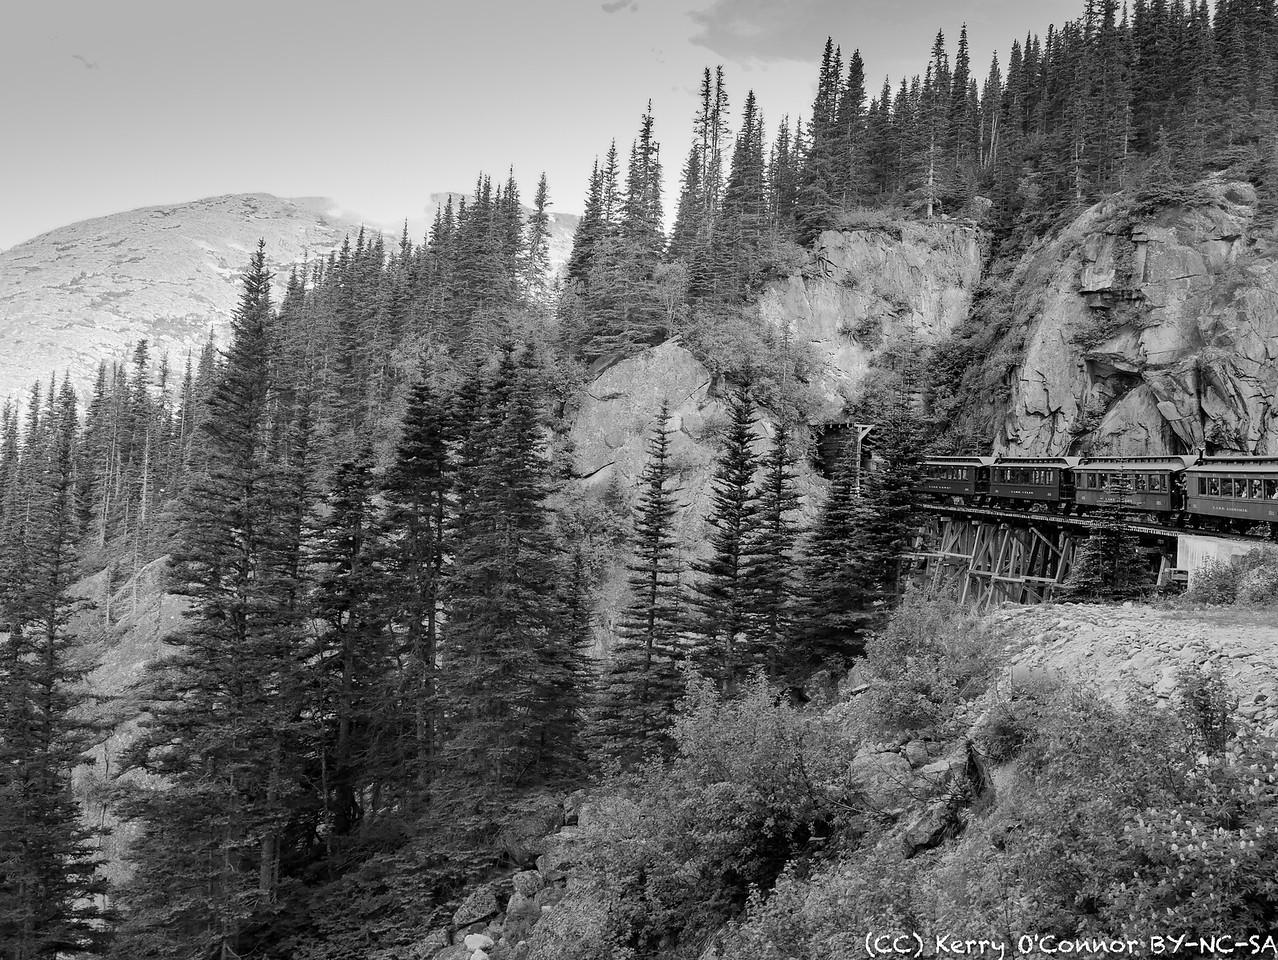 Train tunnel by Slippery Rock